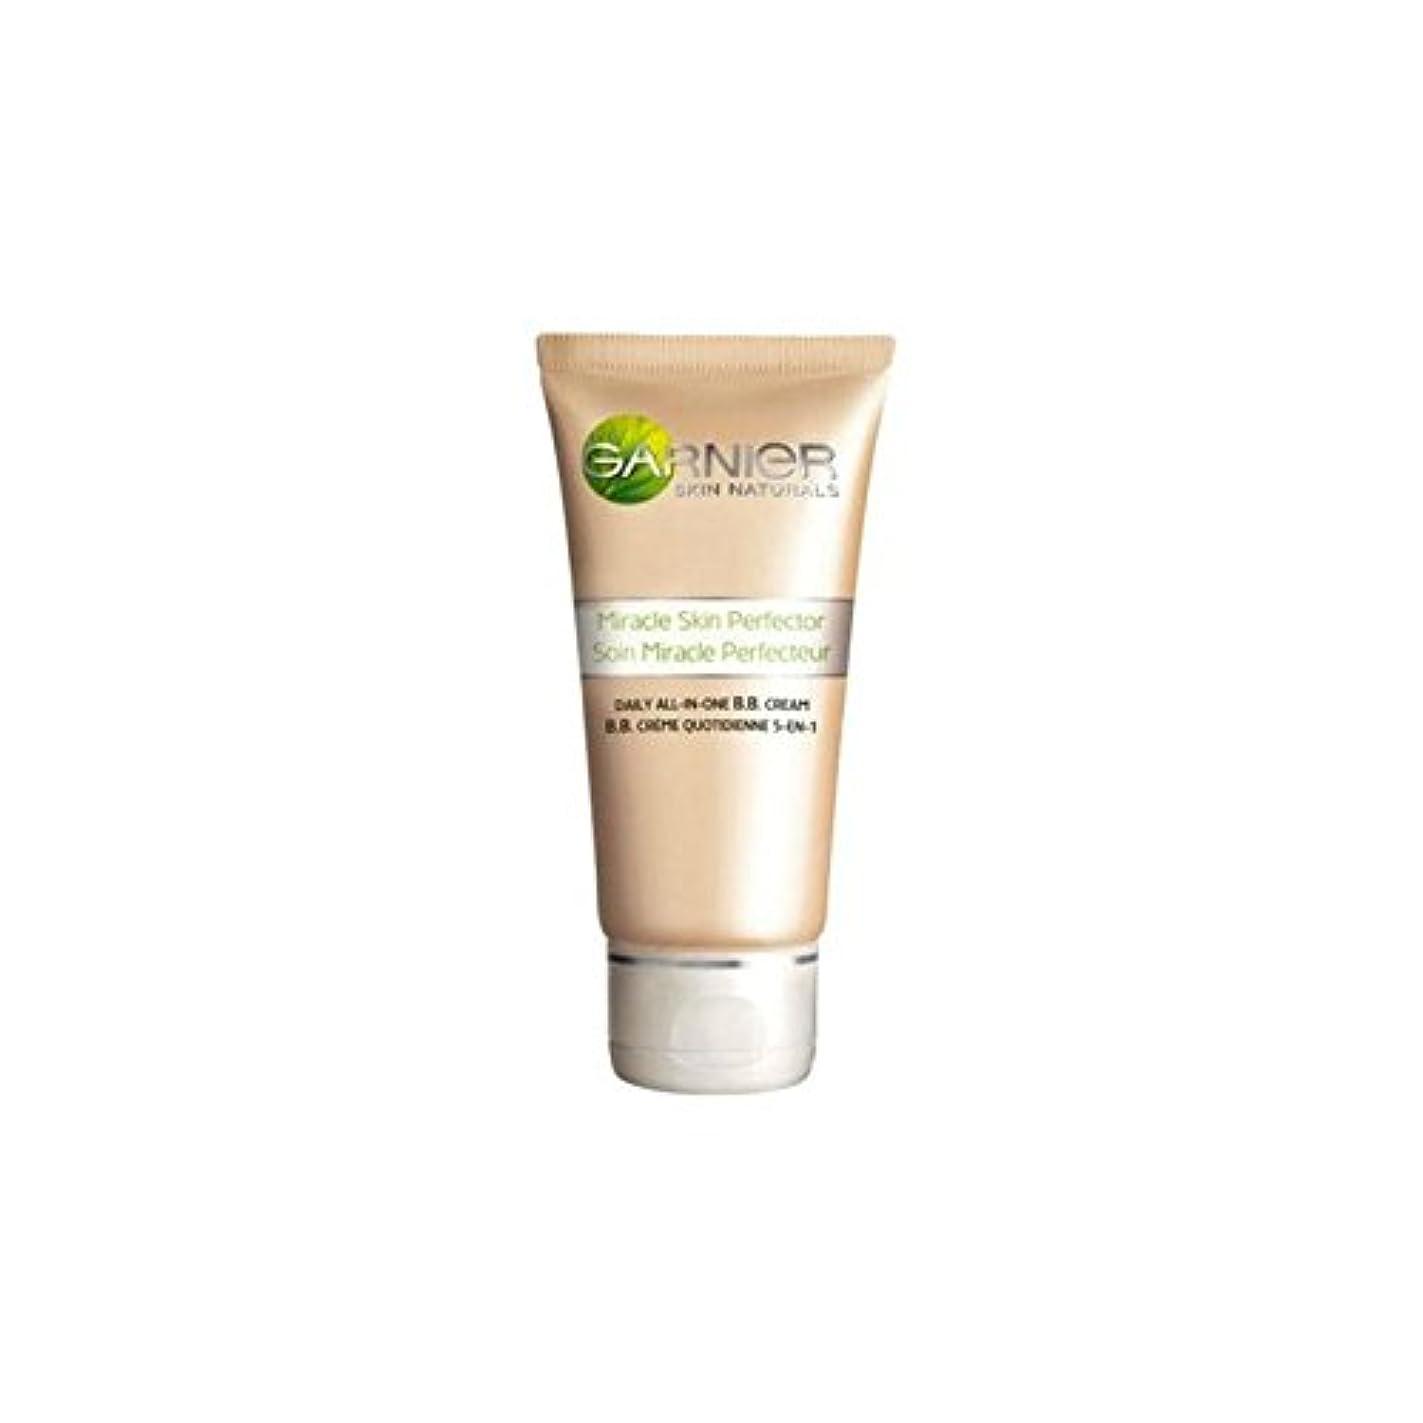 保全あたたかい暴力Garnier Original Medium Bb Cream (50ml) (Pack of 6) - ガルニエオリジナル媒体クリーム(50)中 x6 [並行輸入品]